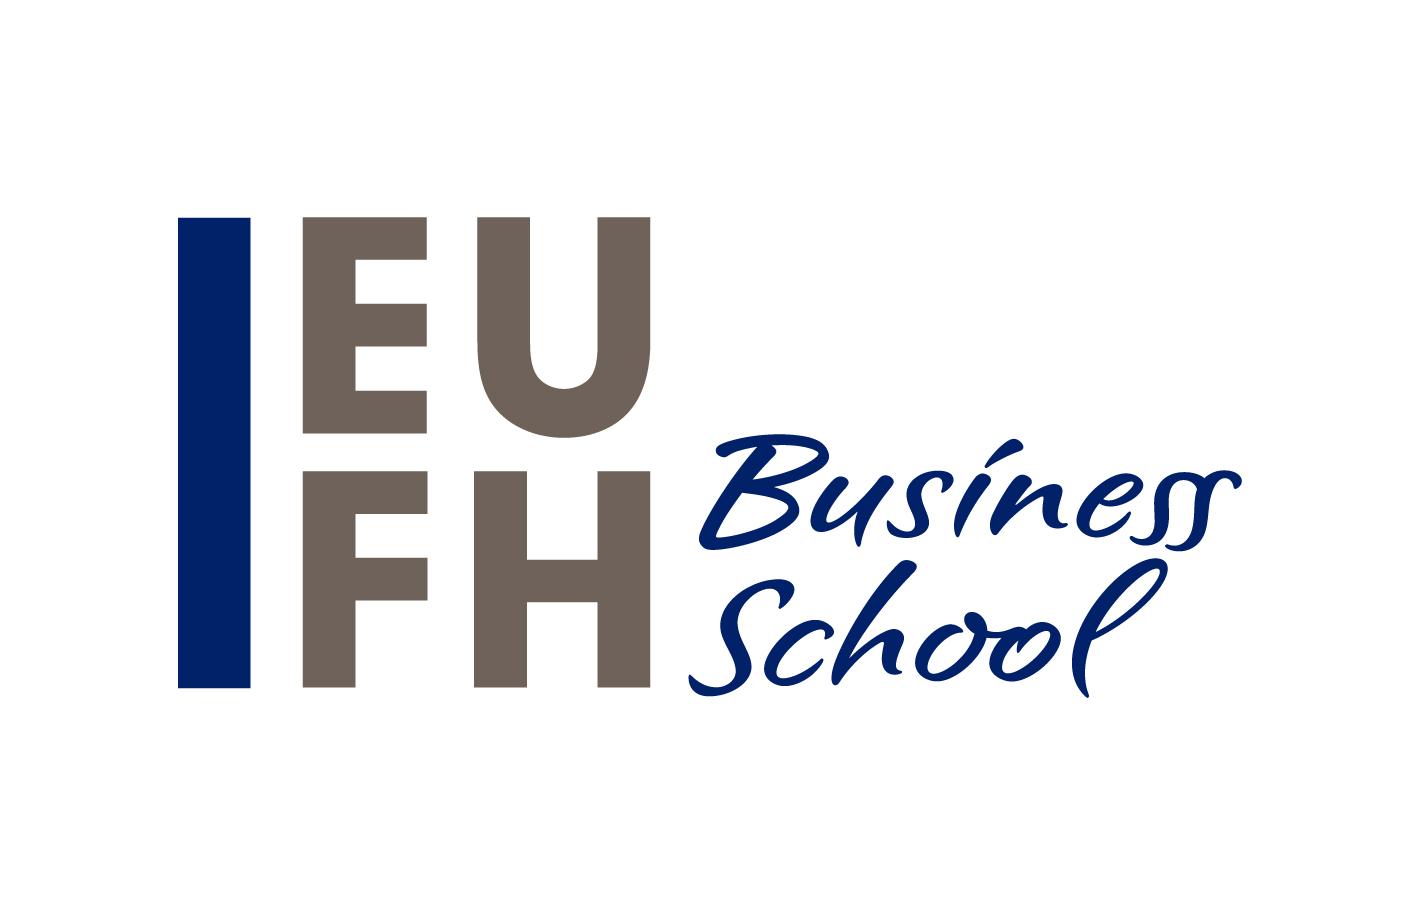 EUFH_BS_Logo_RGB-01-01